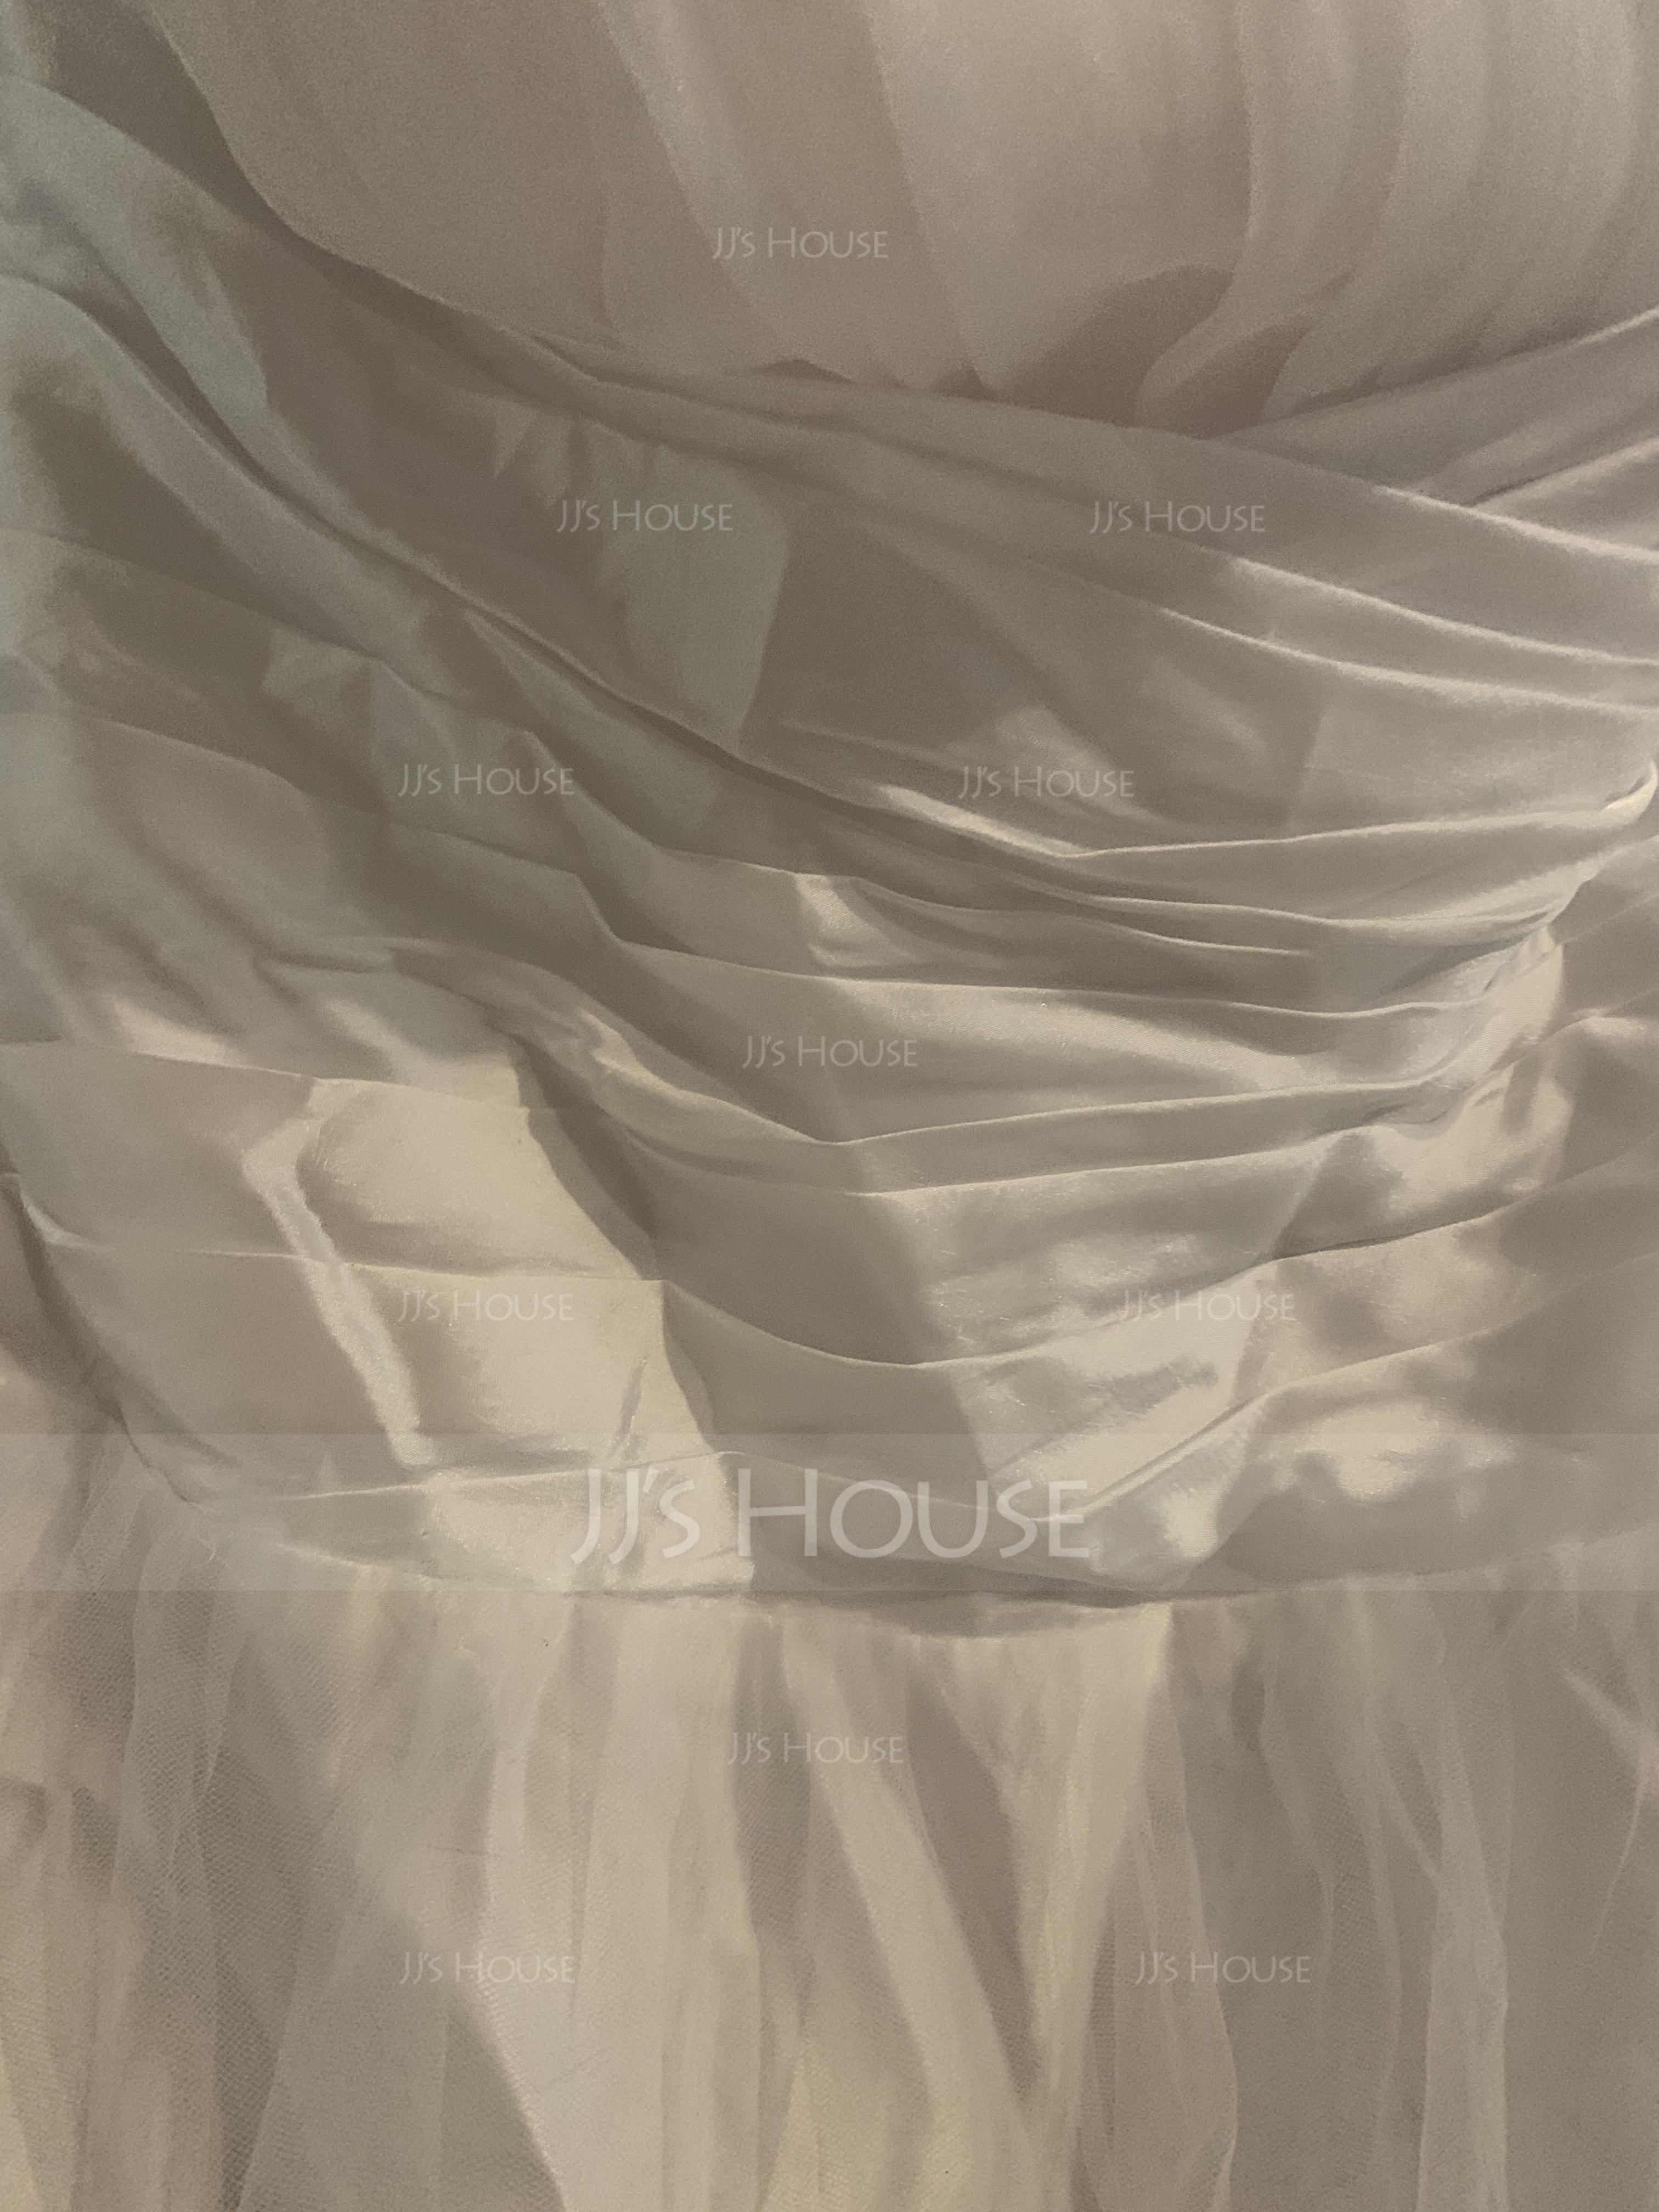 Платье для Балла Без лямок Длина до пола Тюль Пышное платье с Рябь Бисер (021002869)